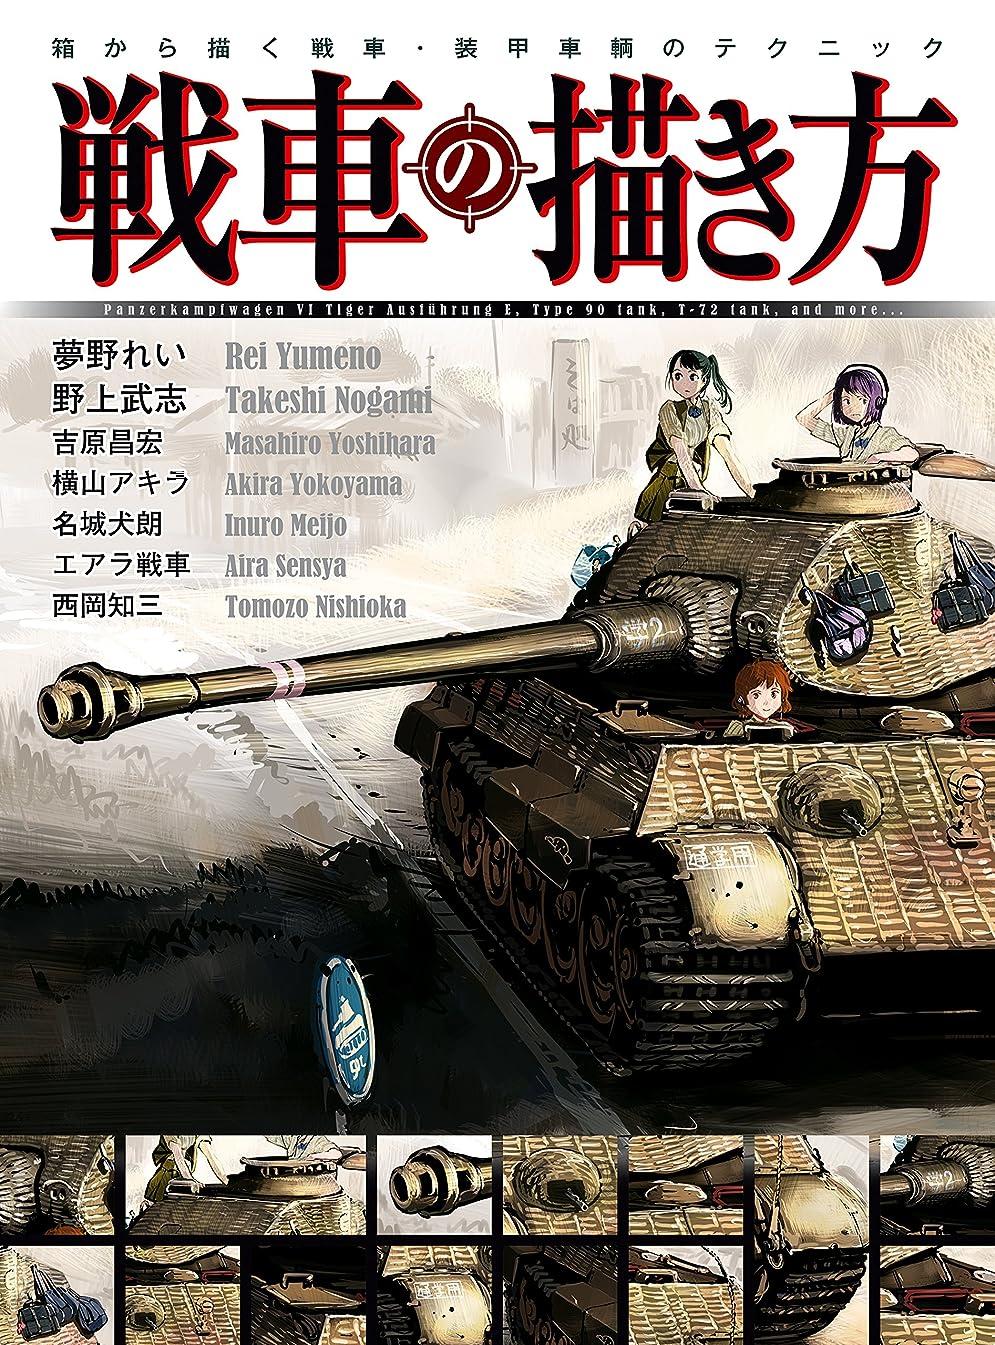 私半円枢機卿戦車の描き方 箱から描く 戦車?装甲車輛のテクニック